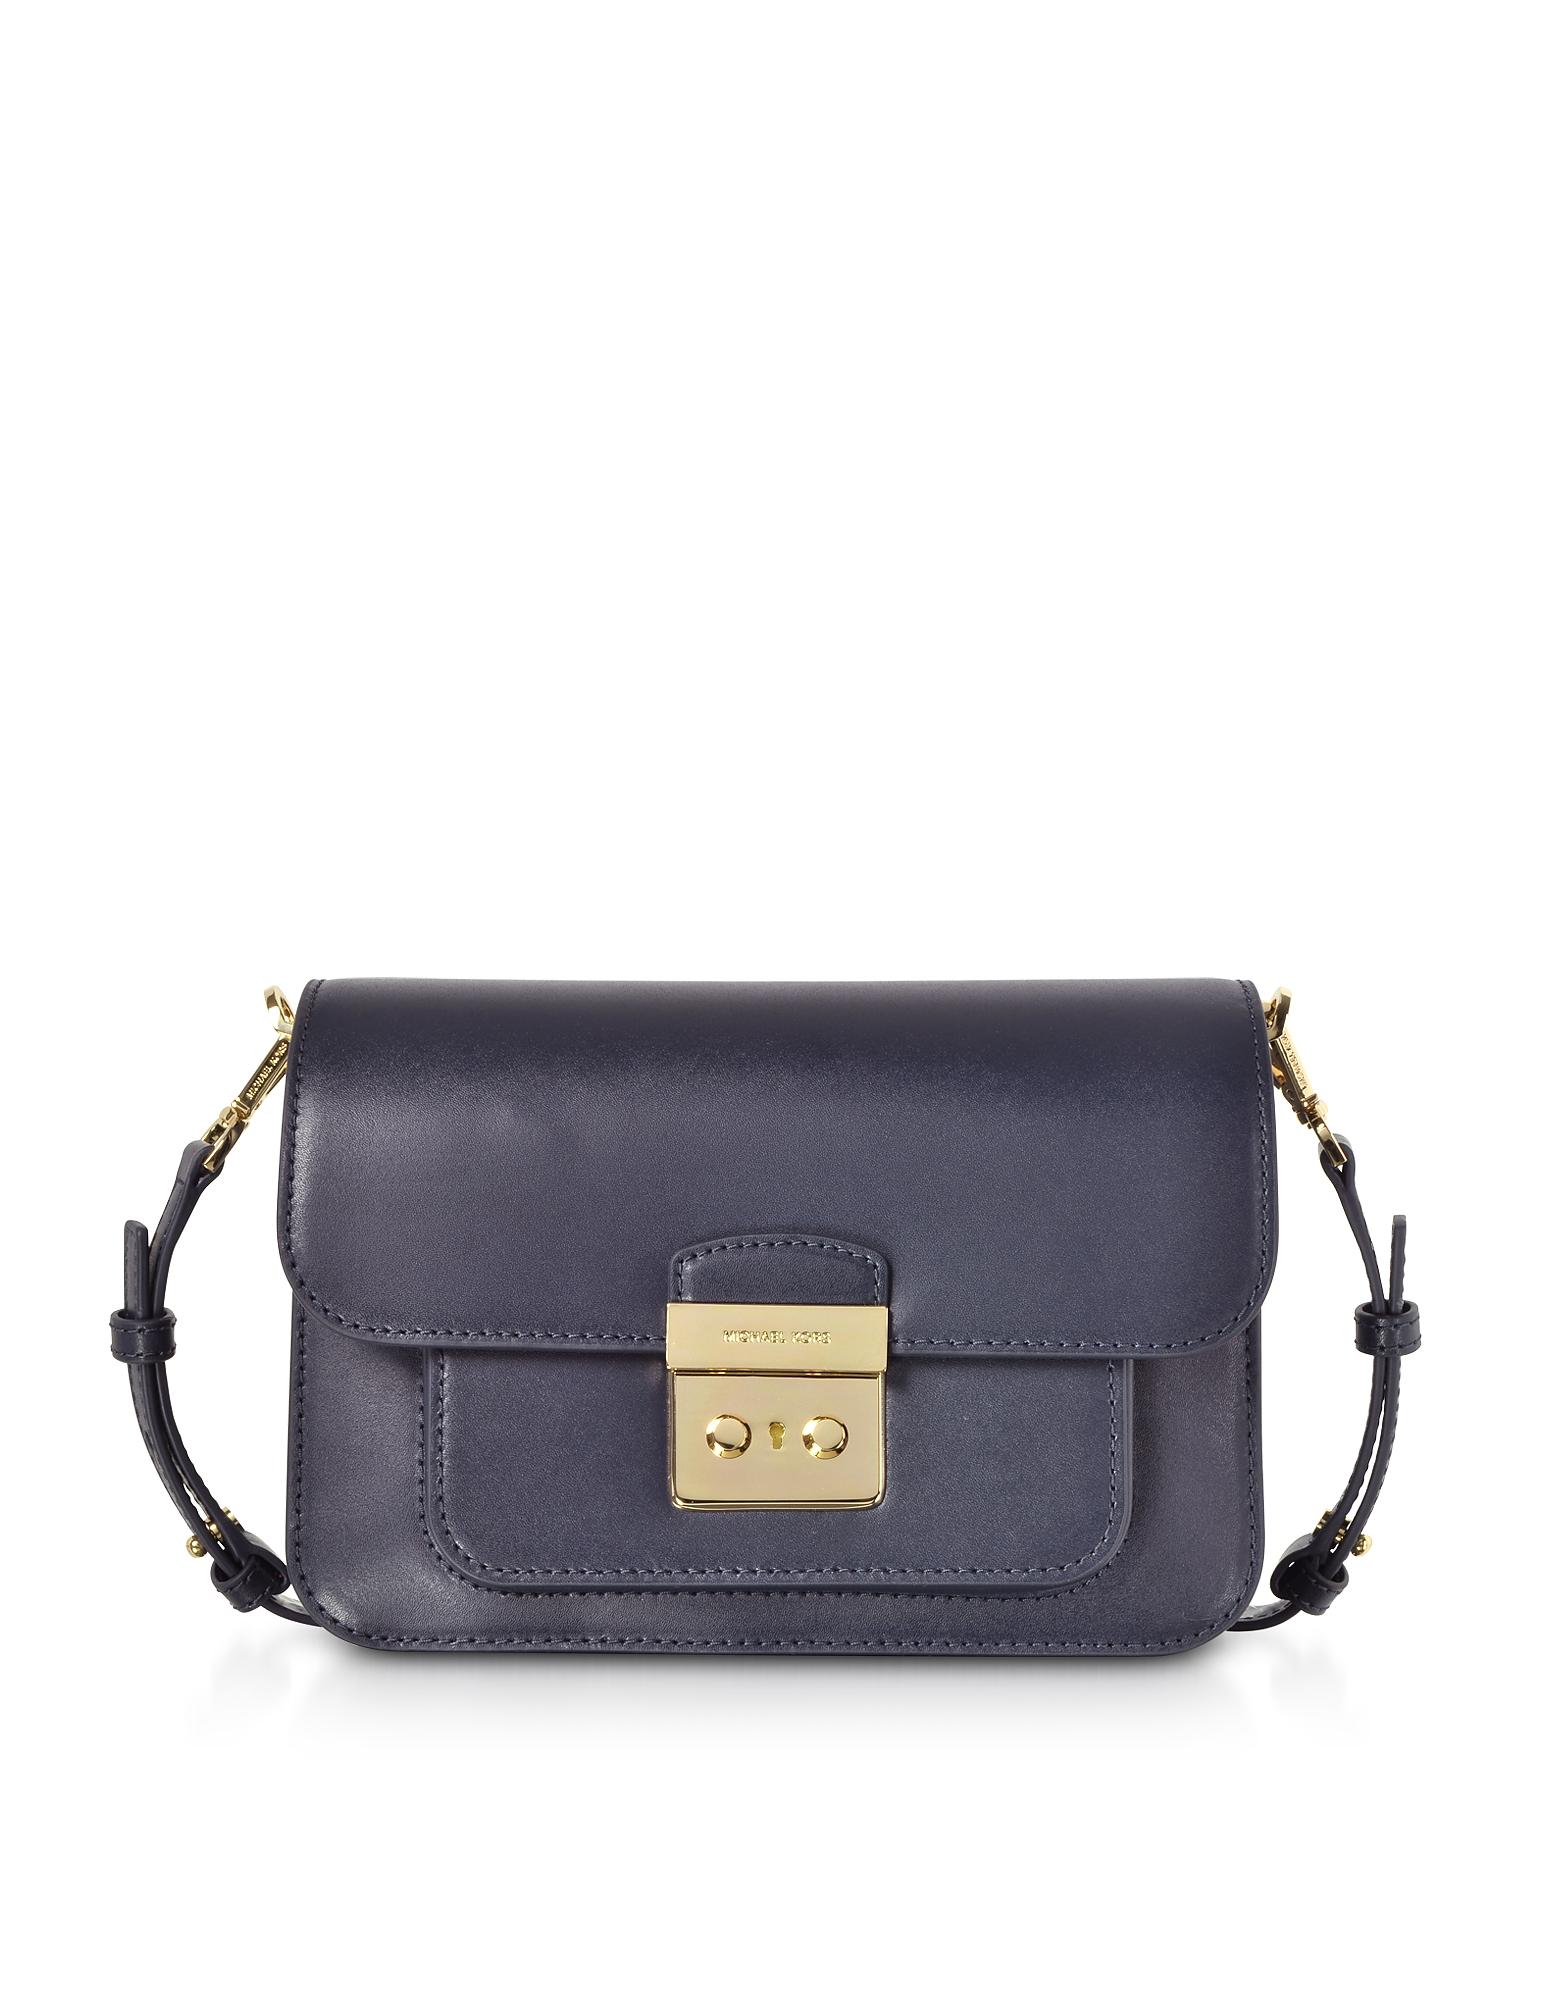 Michael Kors Handbags, Sloan Editor Large Leather Shoulder Bag